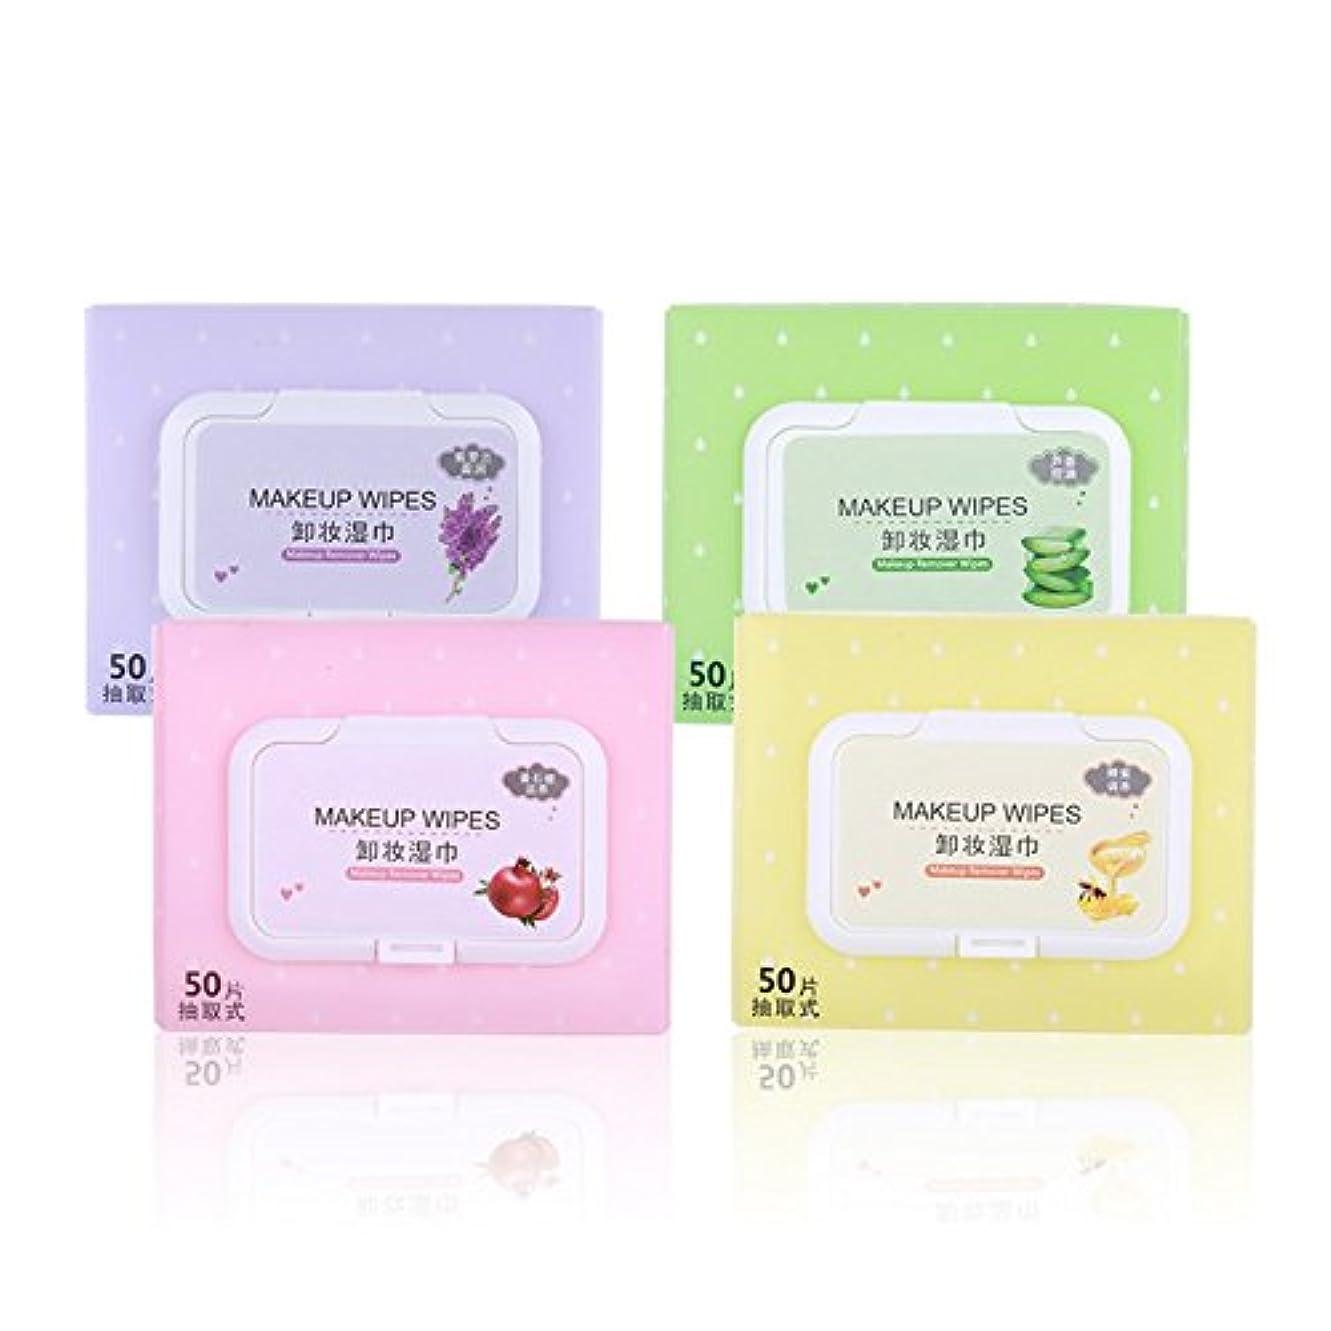 と遊ぶ治世熟読する50 pcs/pack Beauty Non-Woven Fabric Makeup Remover Wipes Four Kinds Scent Comfortable Face Makeup Remover Pads...